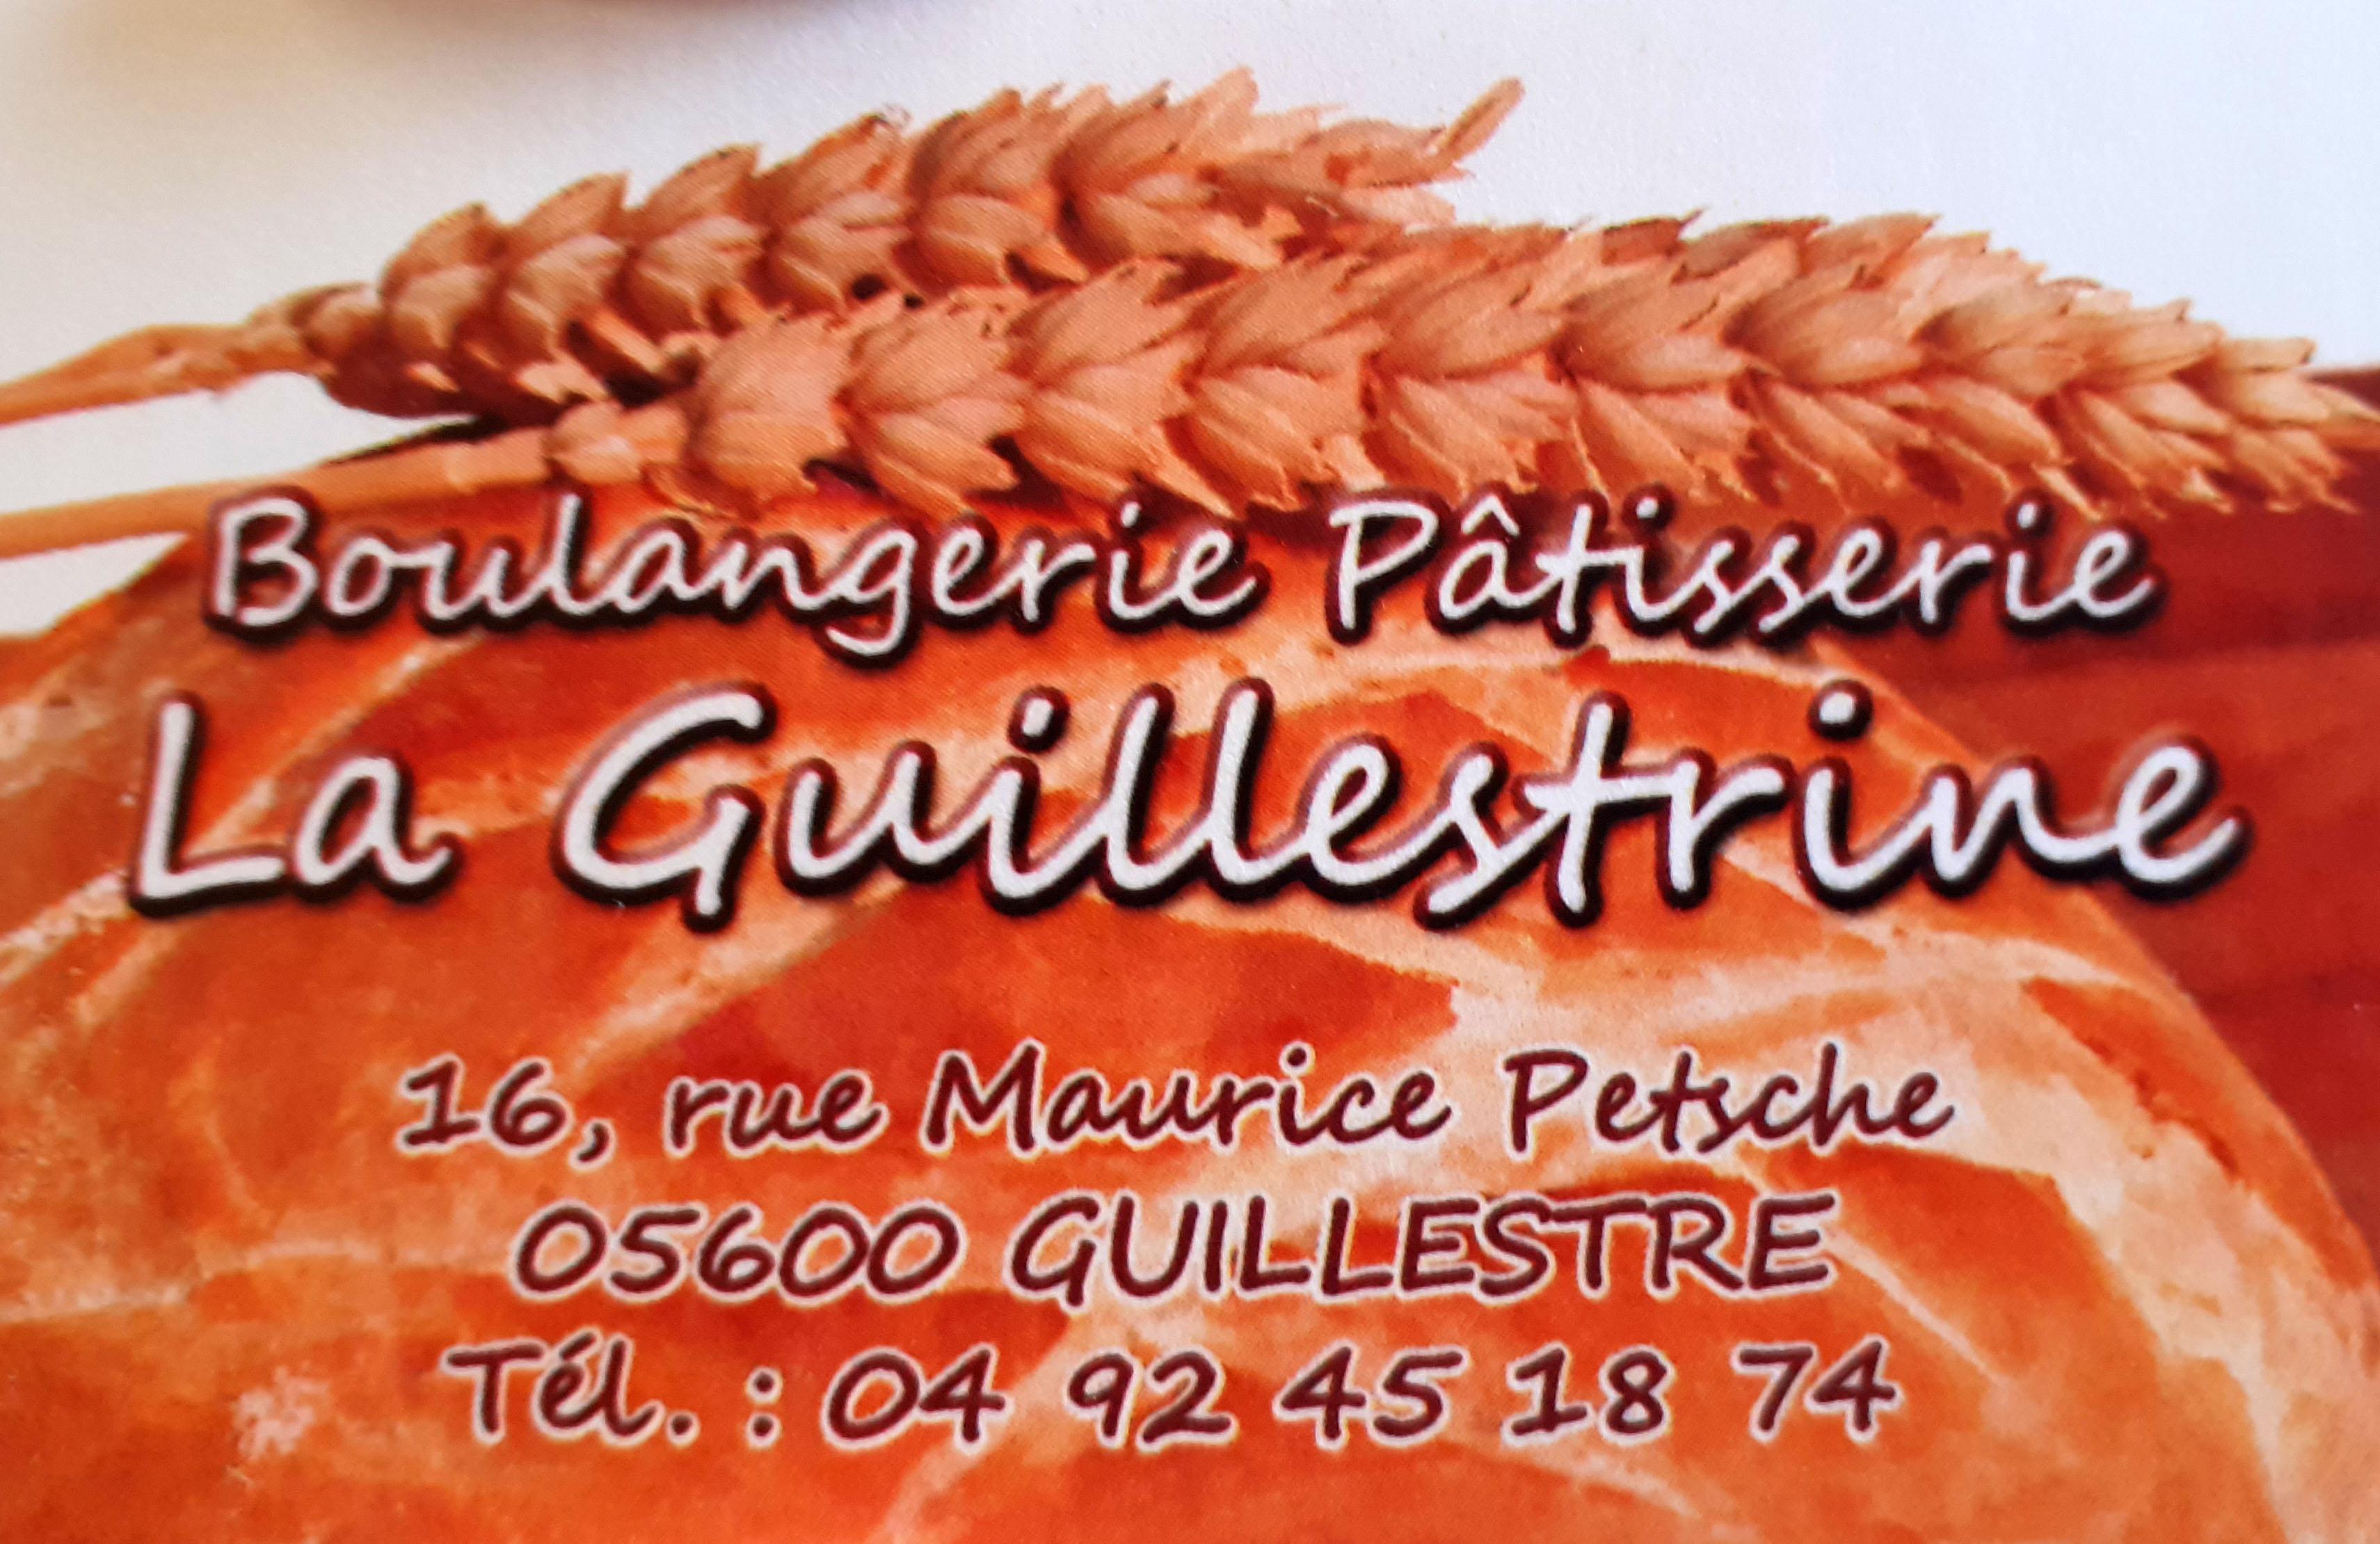 guillestrine logo.jpg